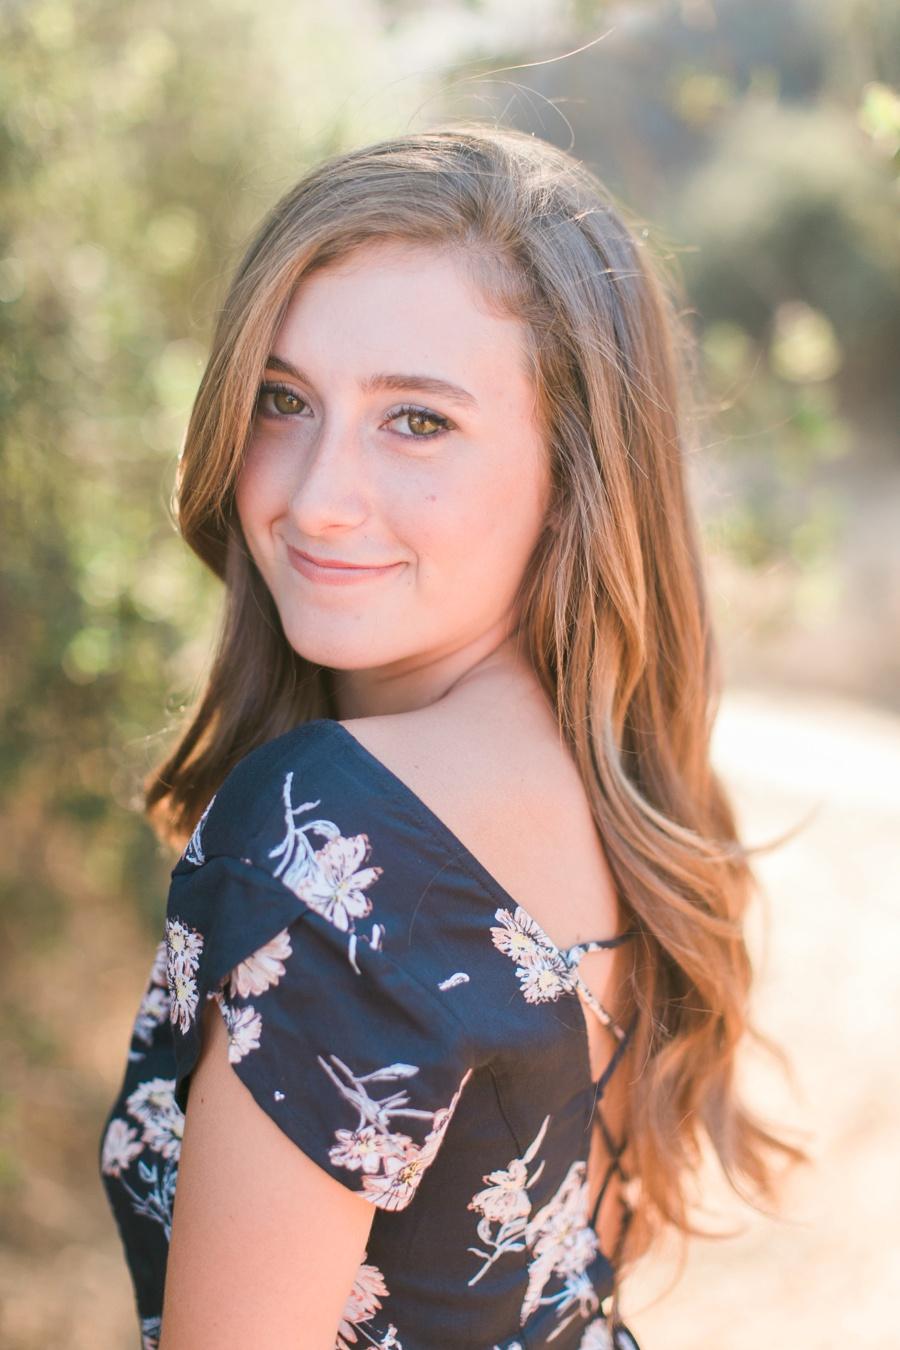 Orange-County-Senior-Photographer-Kristen-Lynette-Photography_0006.jpg